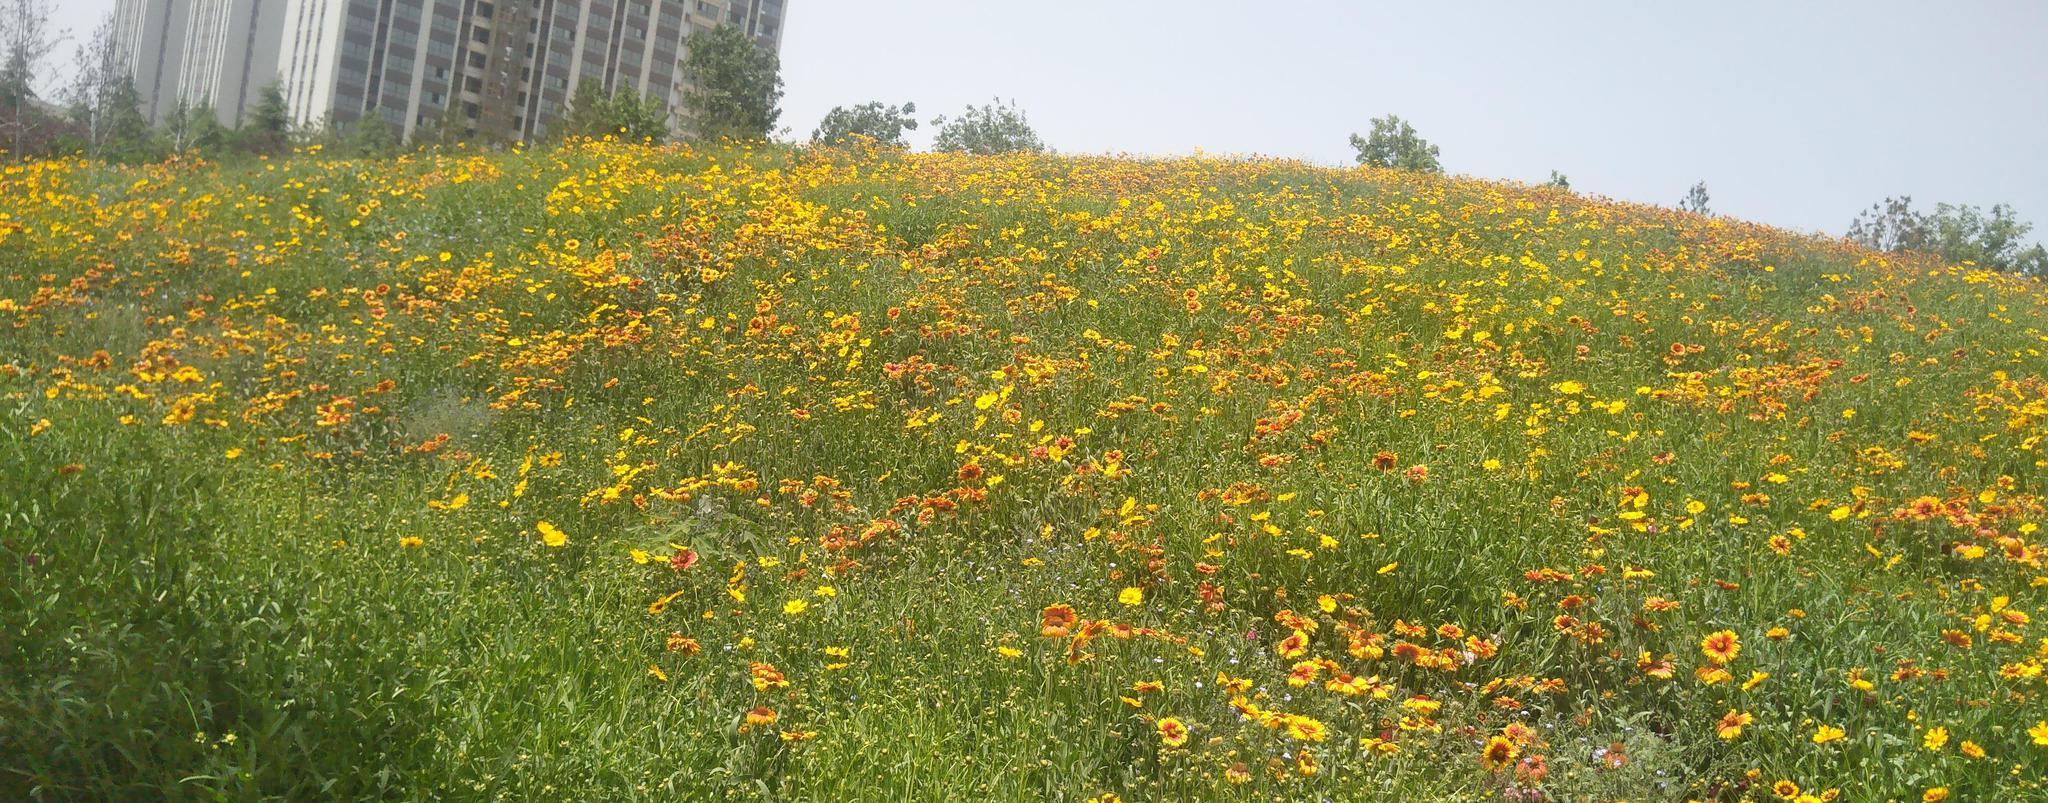 郑州雕塑公园,有一片美丽的花海